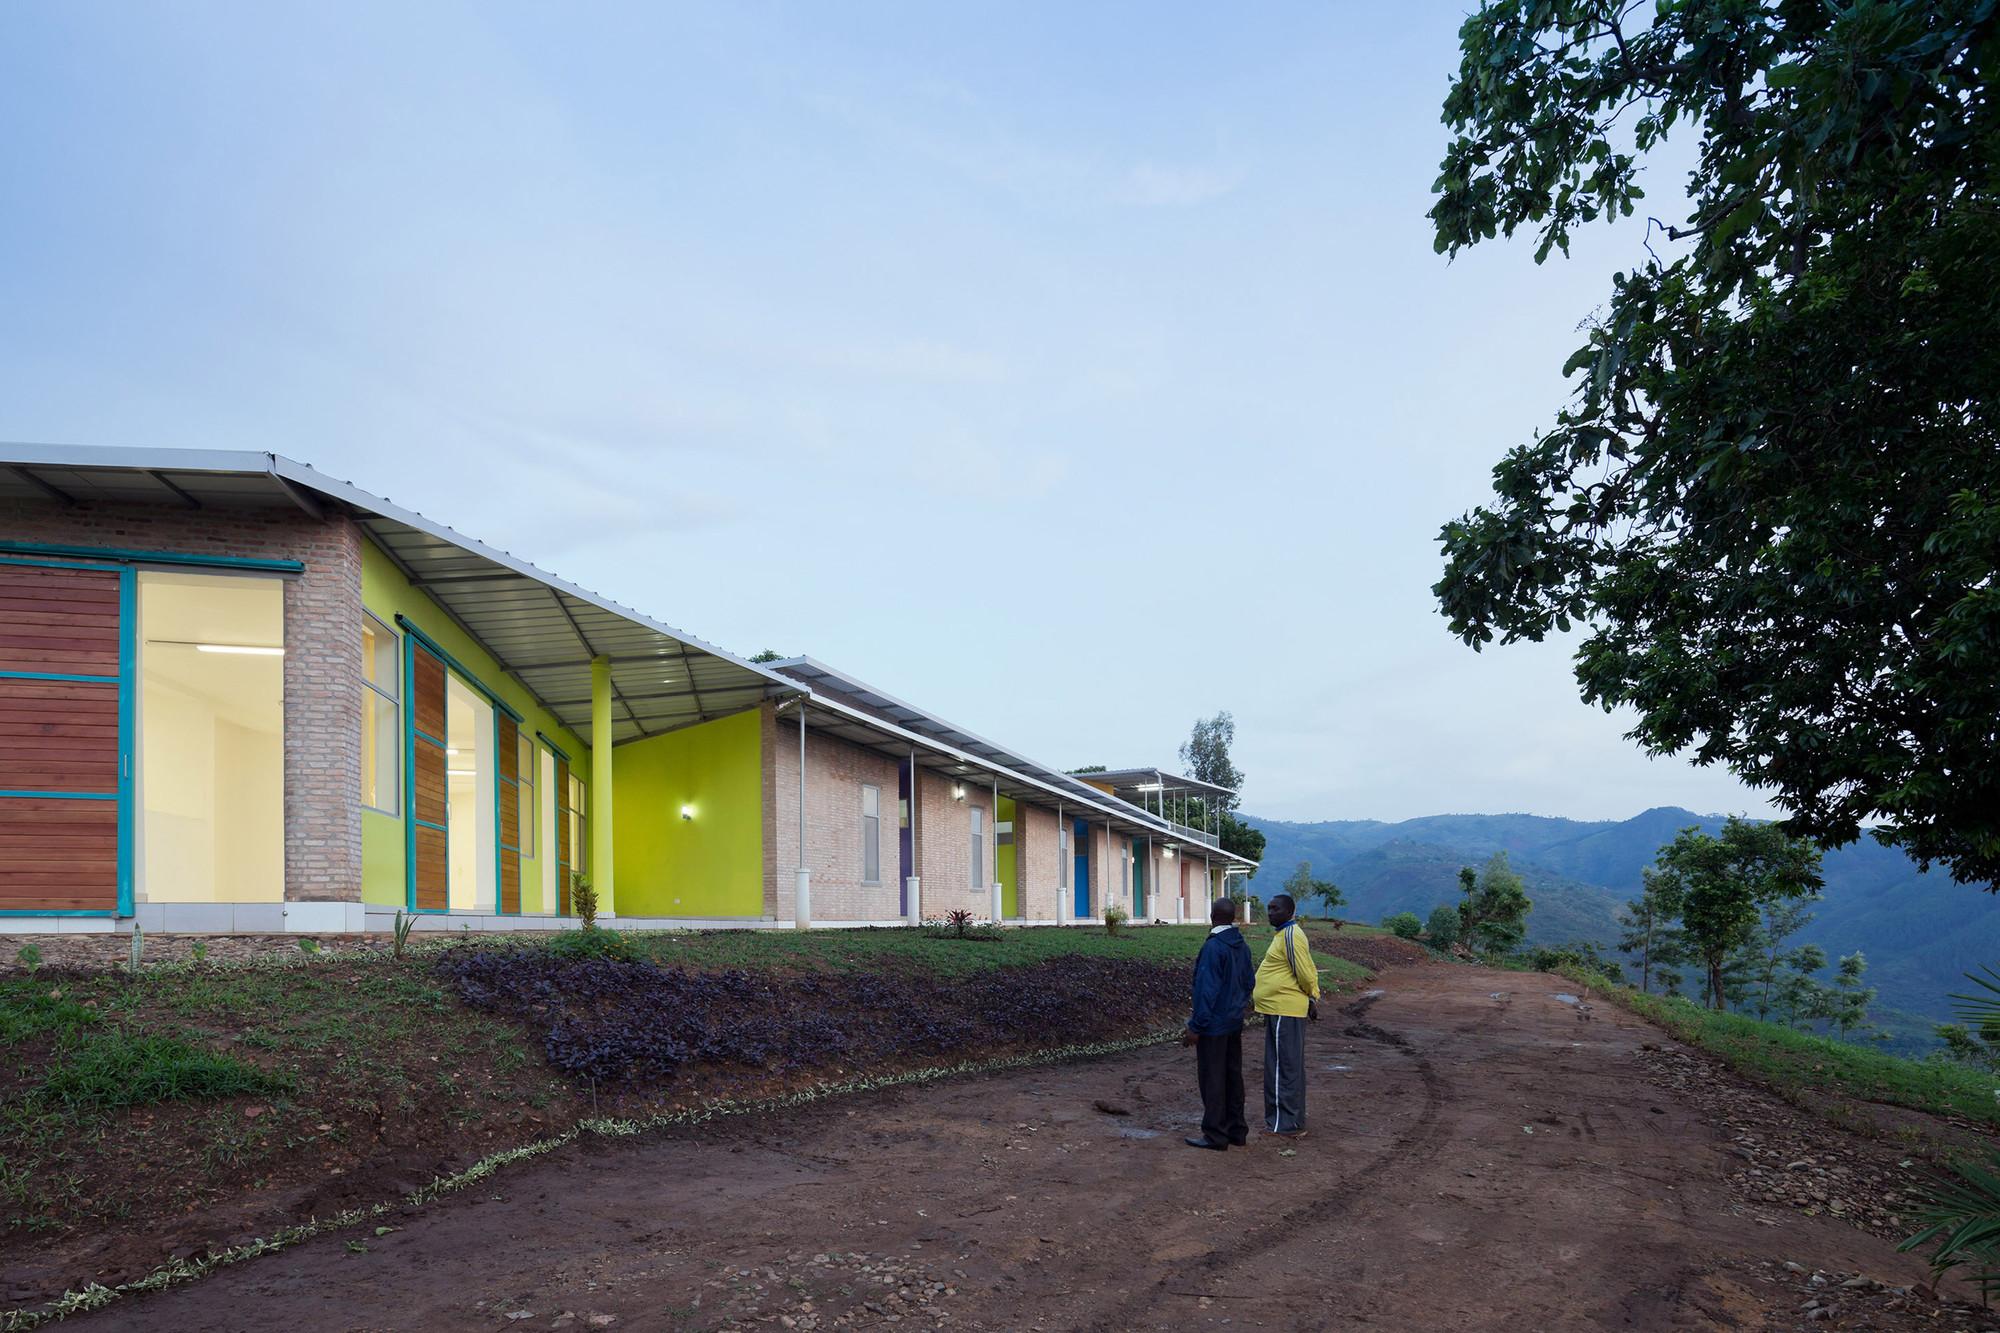 Viviendas del personal de obras sanitarias de la aldea / Louise Braverman, © Iwan Baan